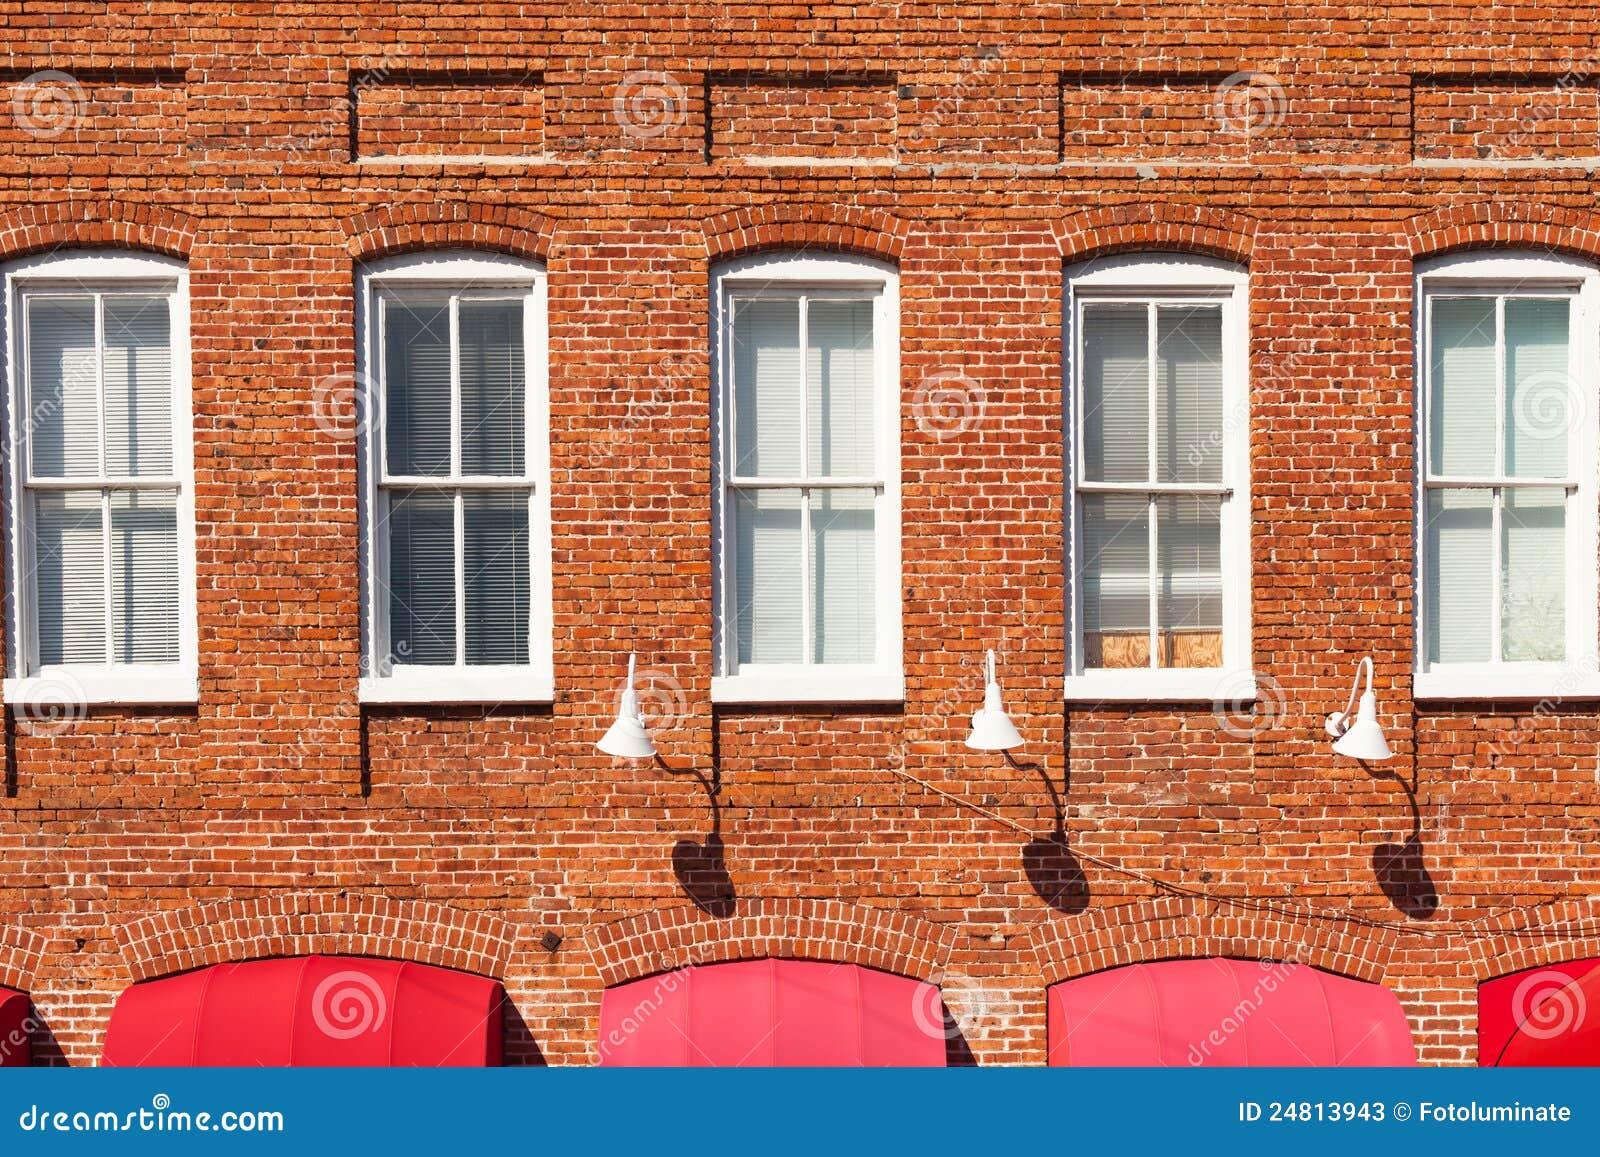 Fachada del edificio de ladrillo rojo imagen de archivo for Fachada de ladrillo